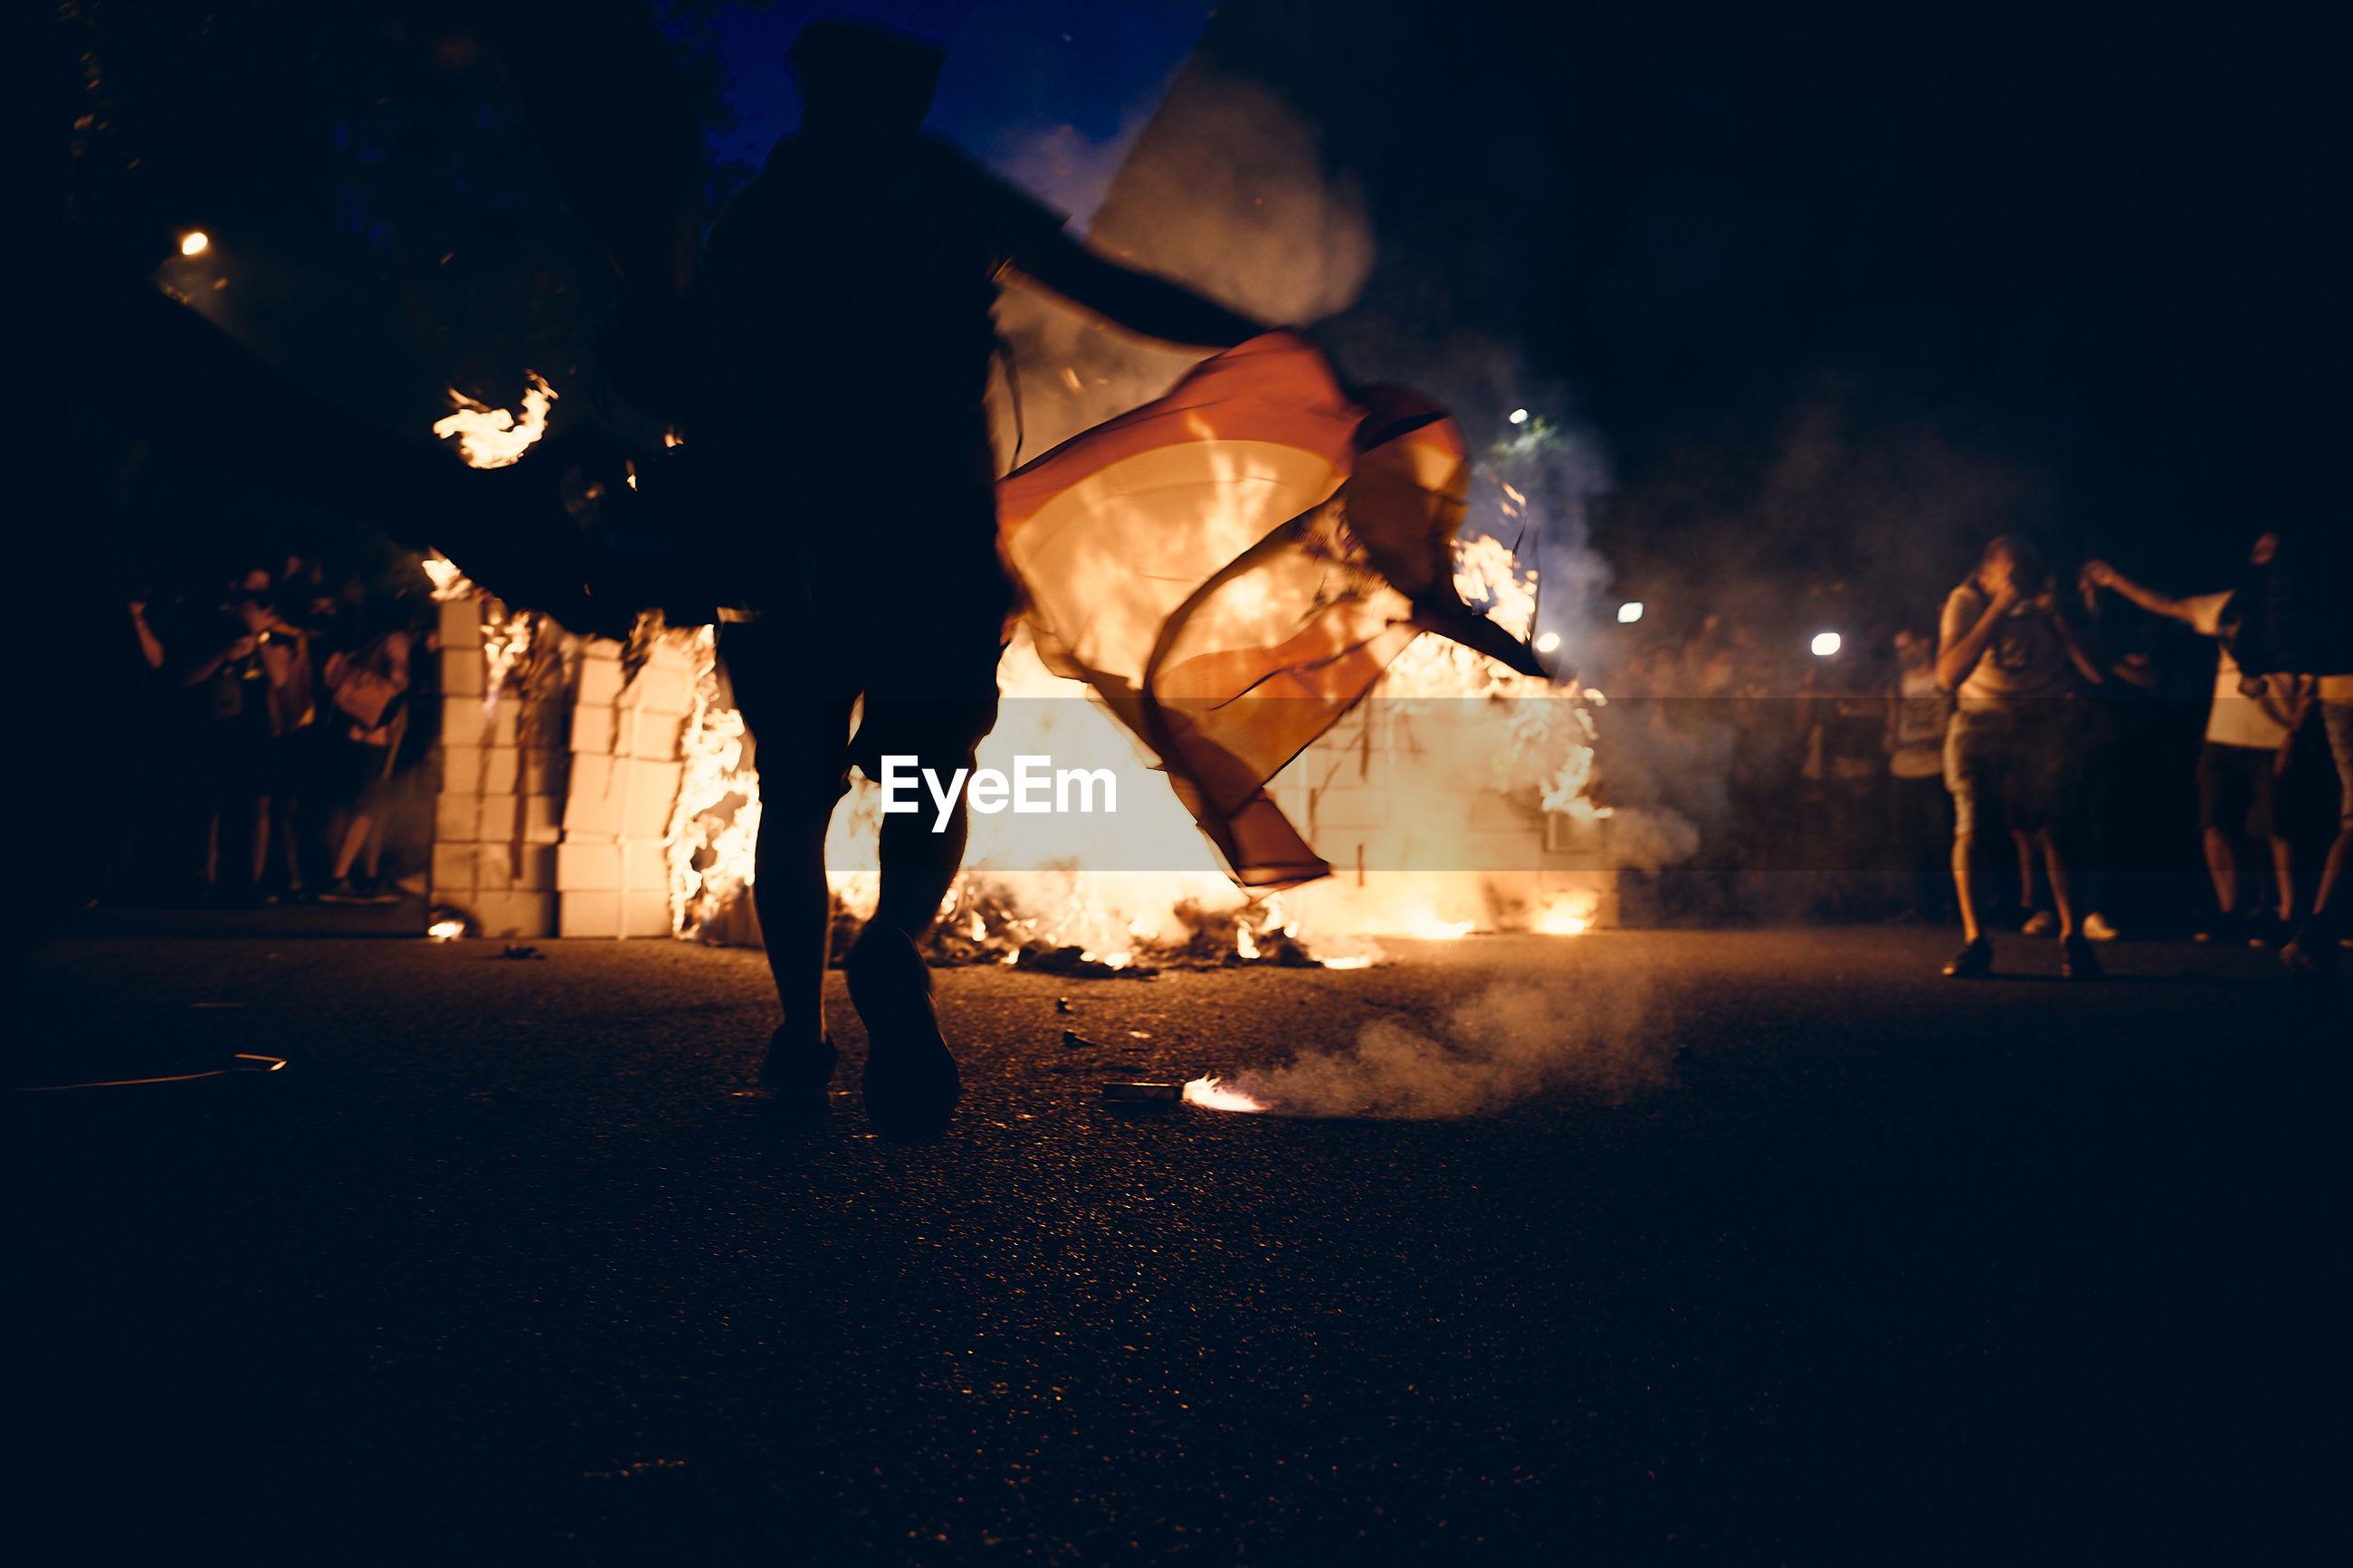 Riot in barcelona, catalonia